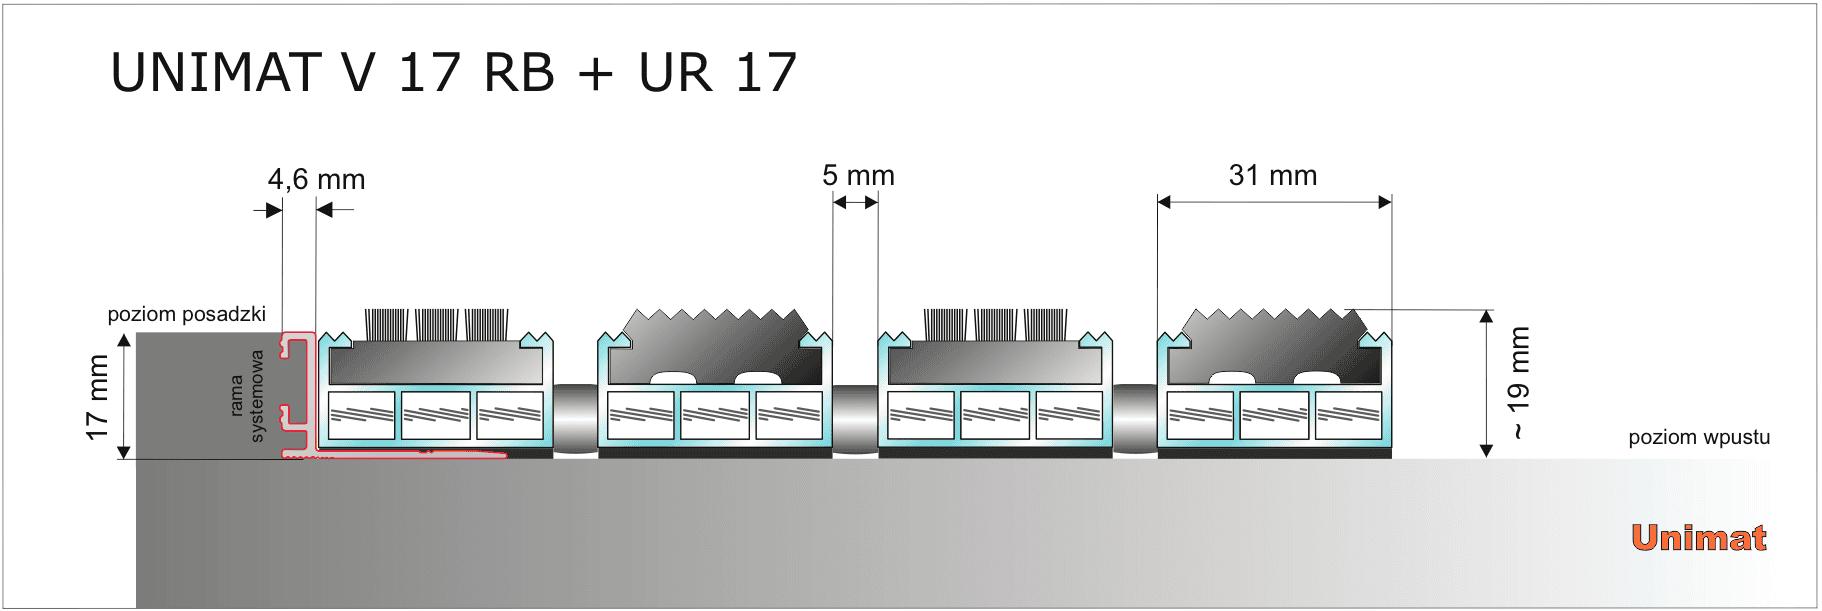 Unimat V 17 RB + UR 17.png